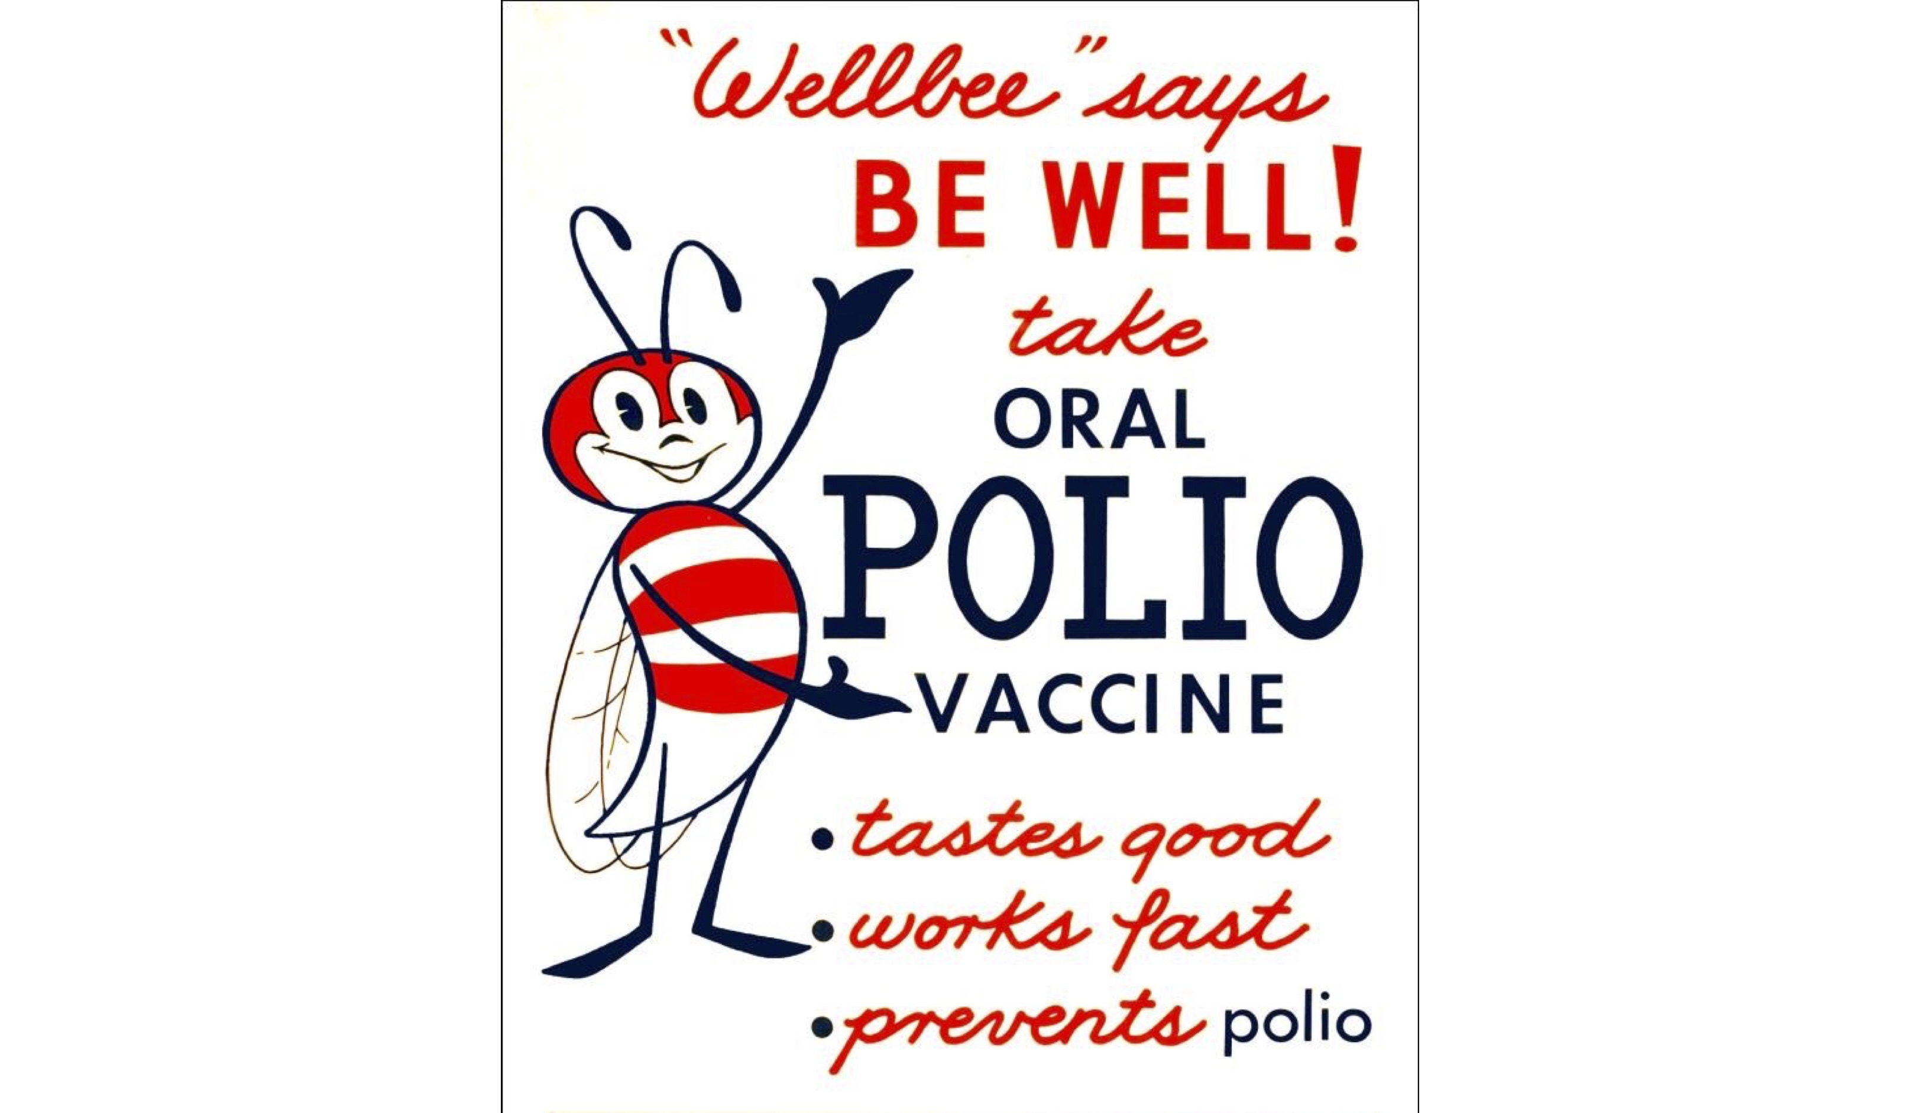 Cartel de concienciación para la vacuna de la poliomielitis.https://commons.wikimedia.org/wiki/File:Polio_vaccine_poster.jpg